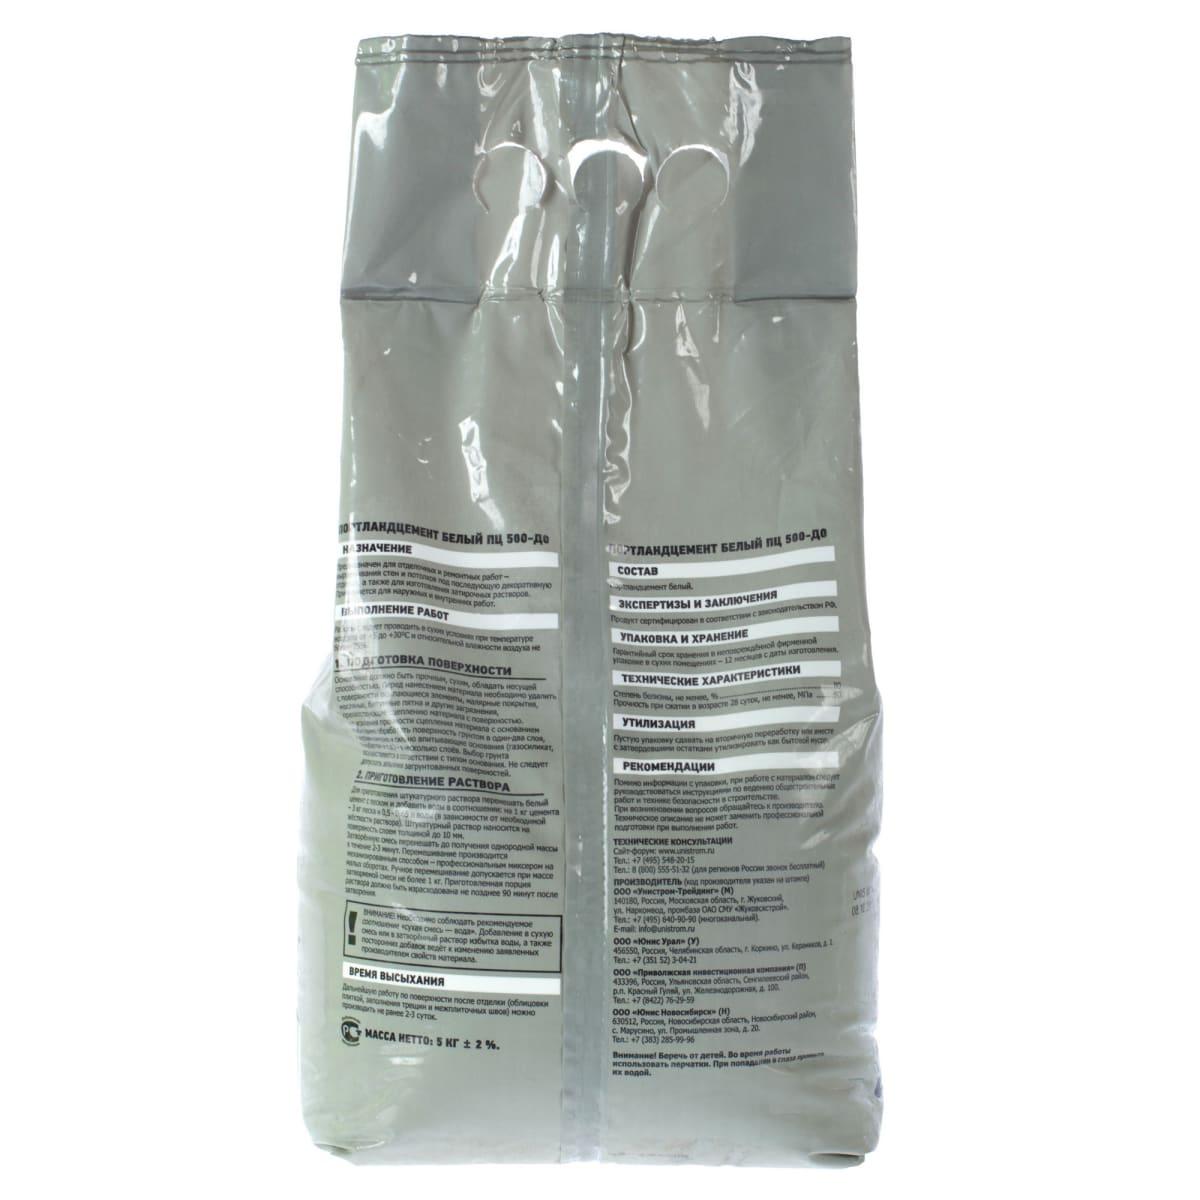 Леруа мерлен цемент купить в москве белгород блоки керамзитобетон цена